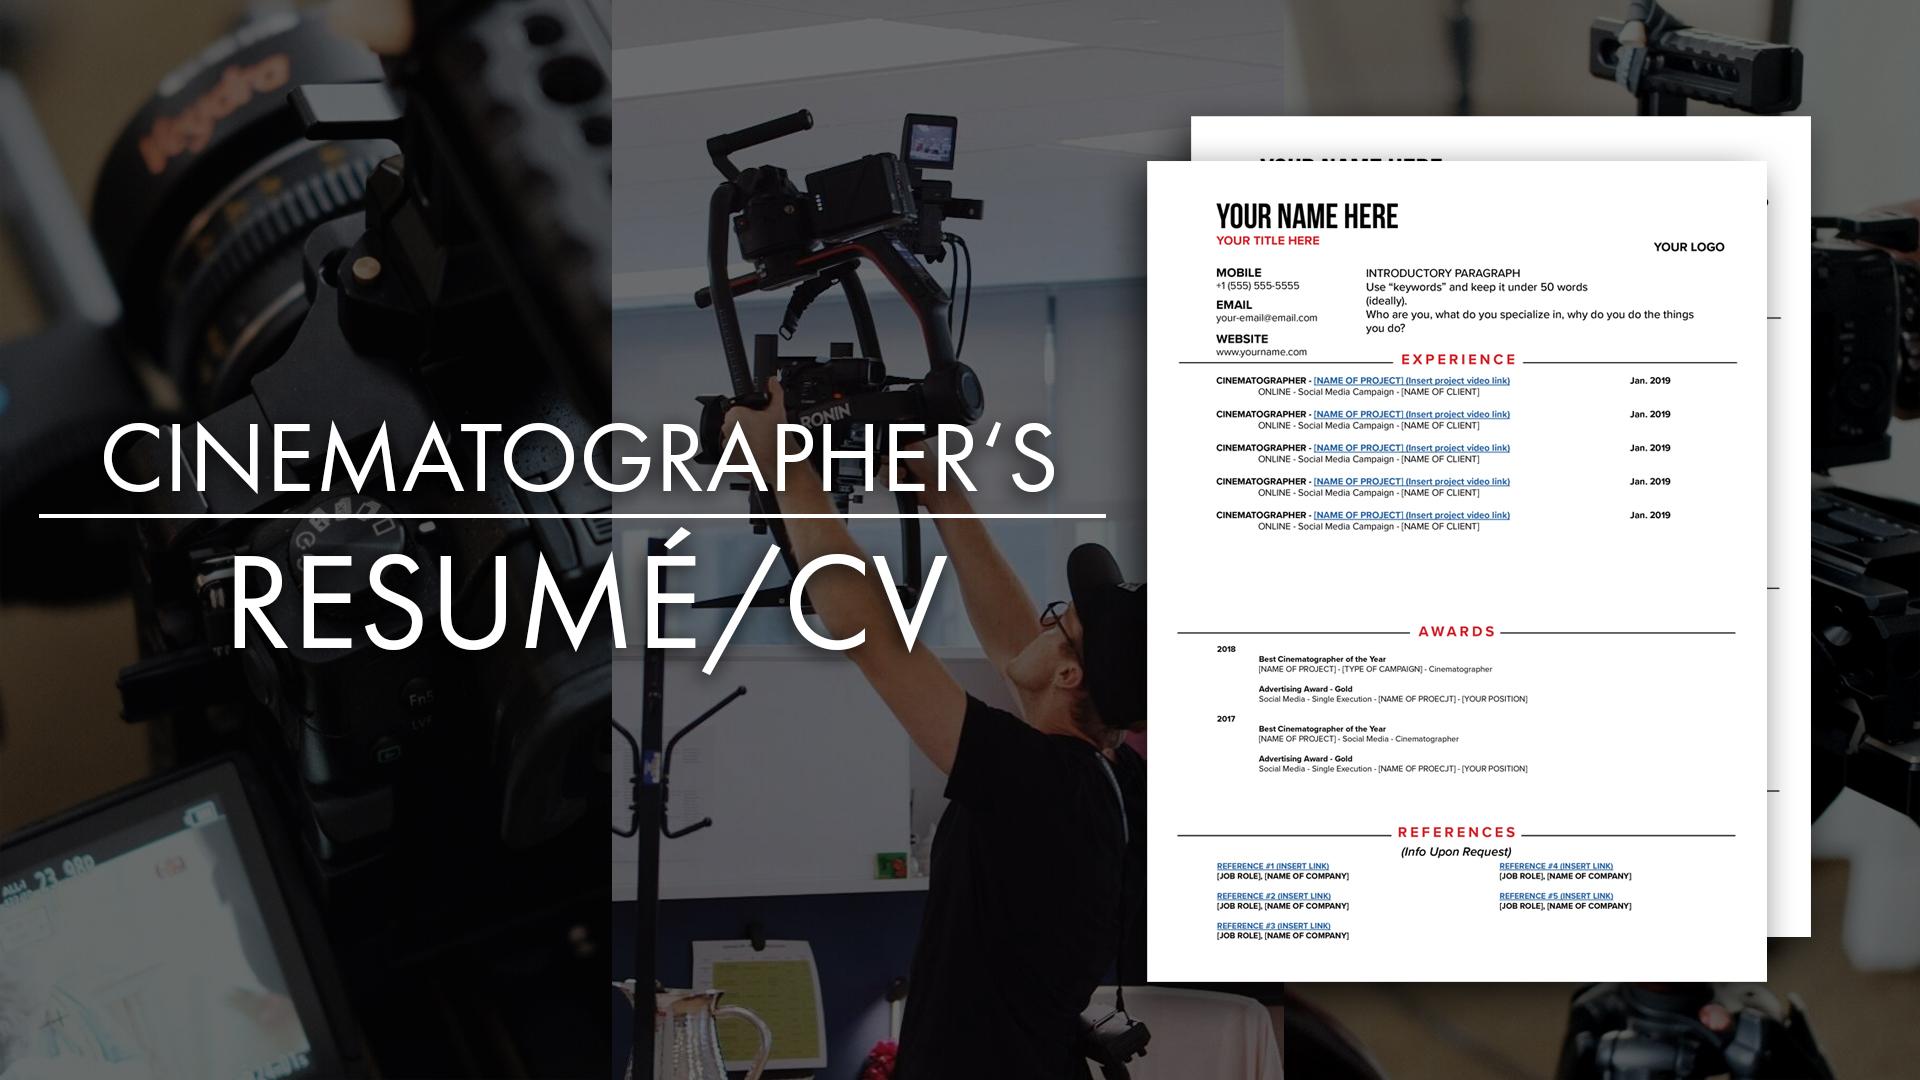 Cinematographer Resume-CV Template Thumbnail.jpg